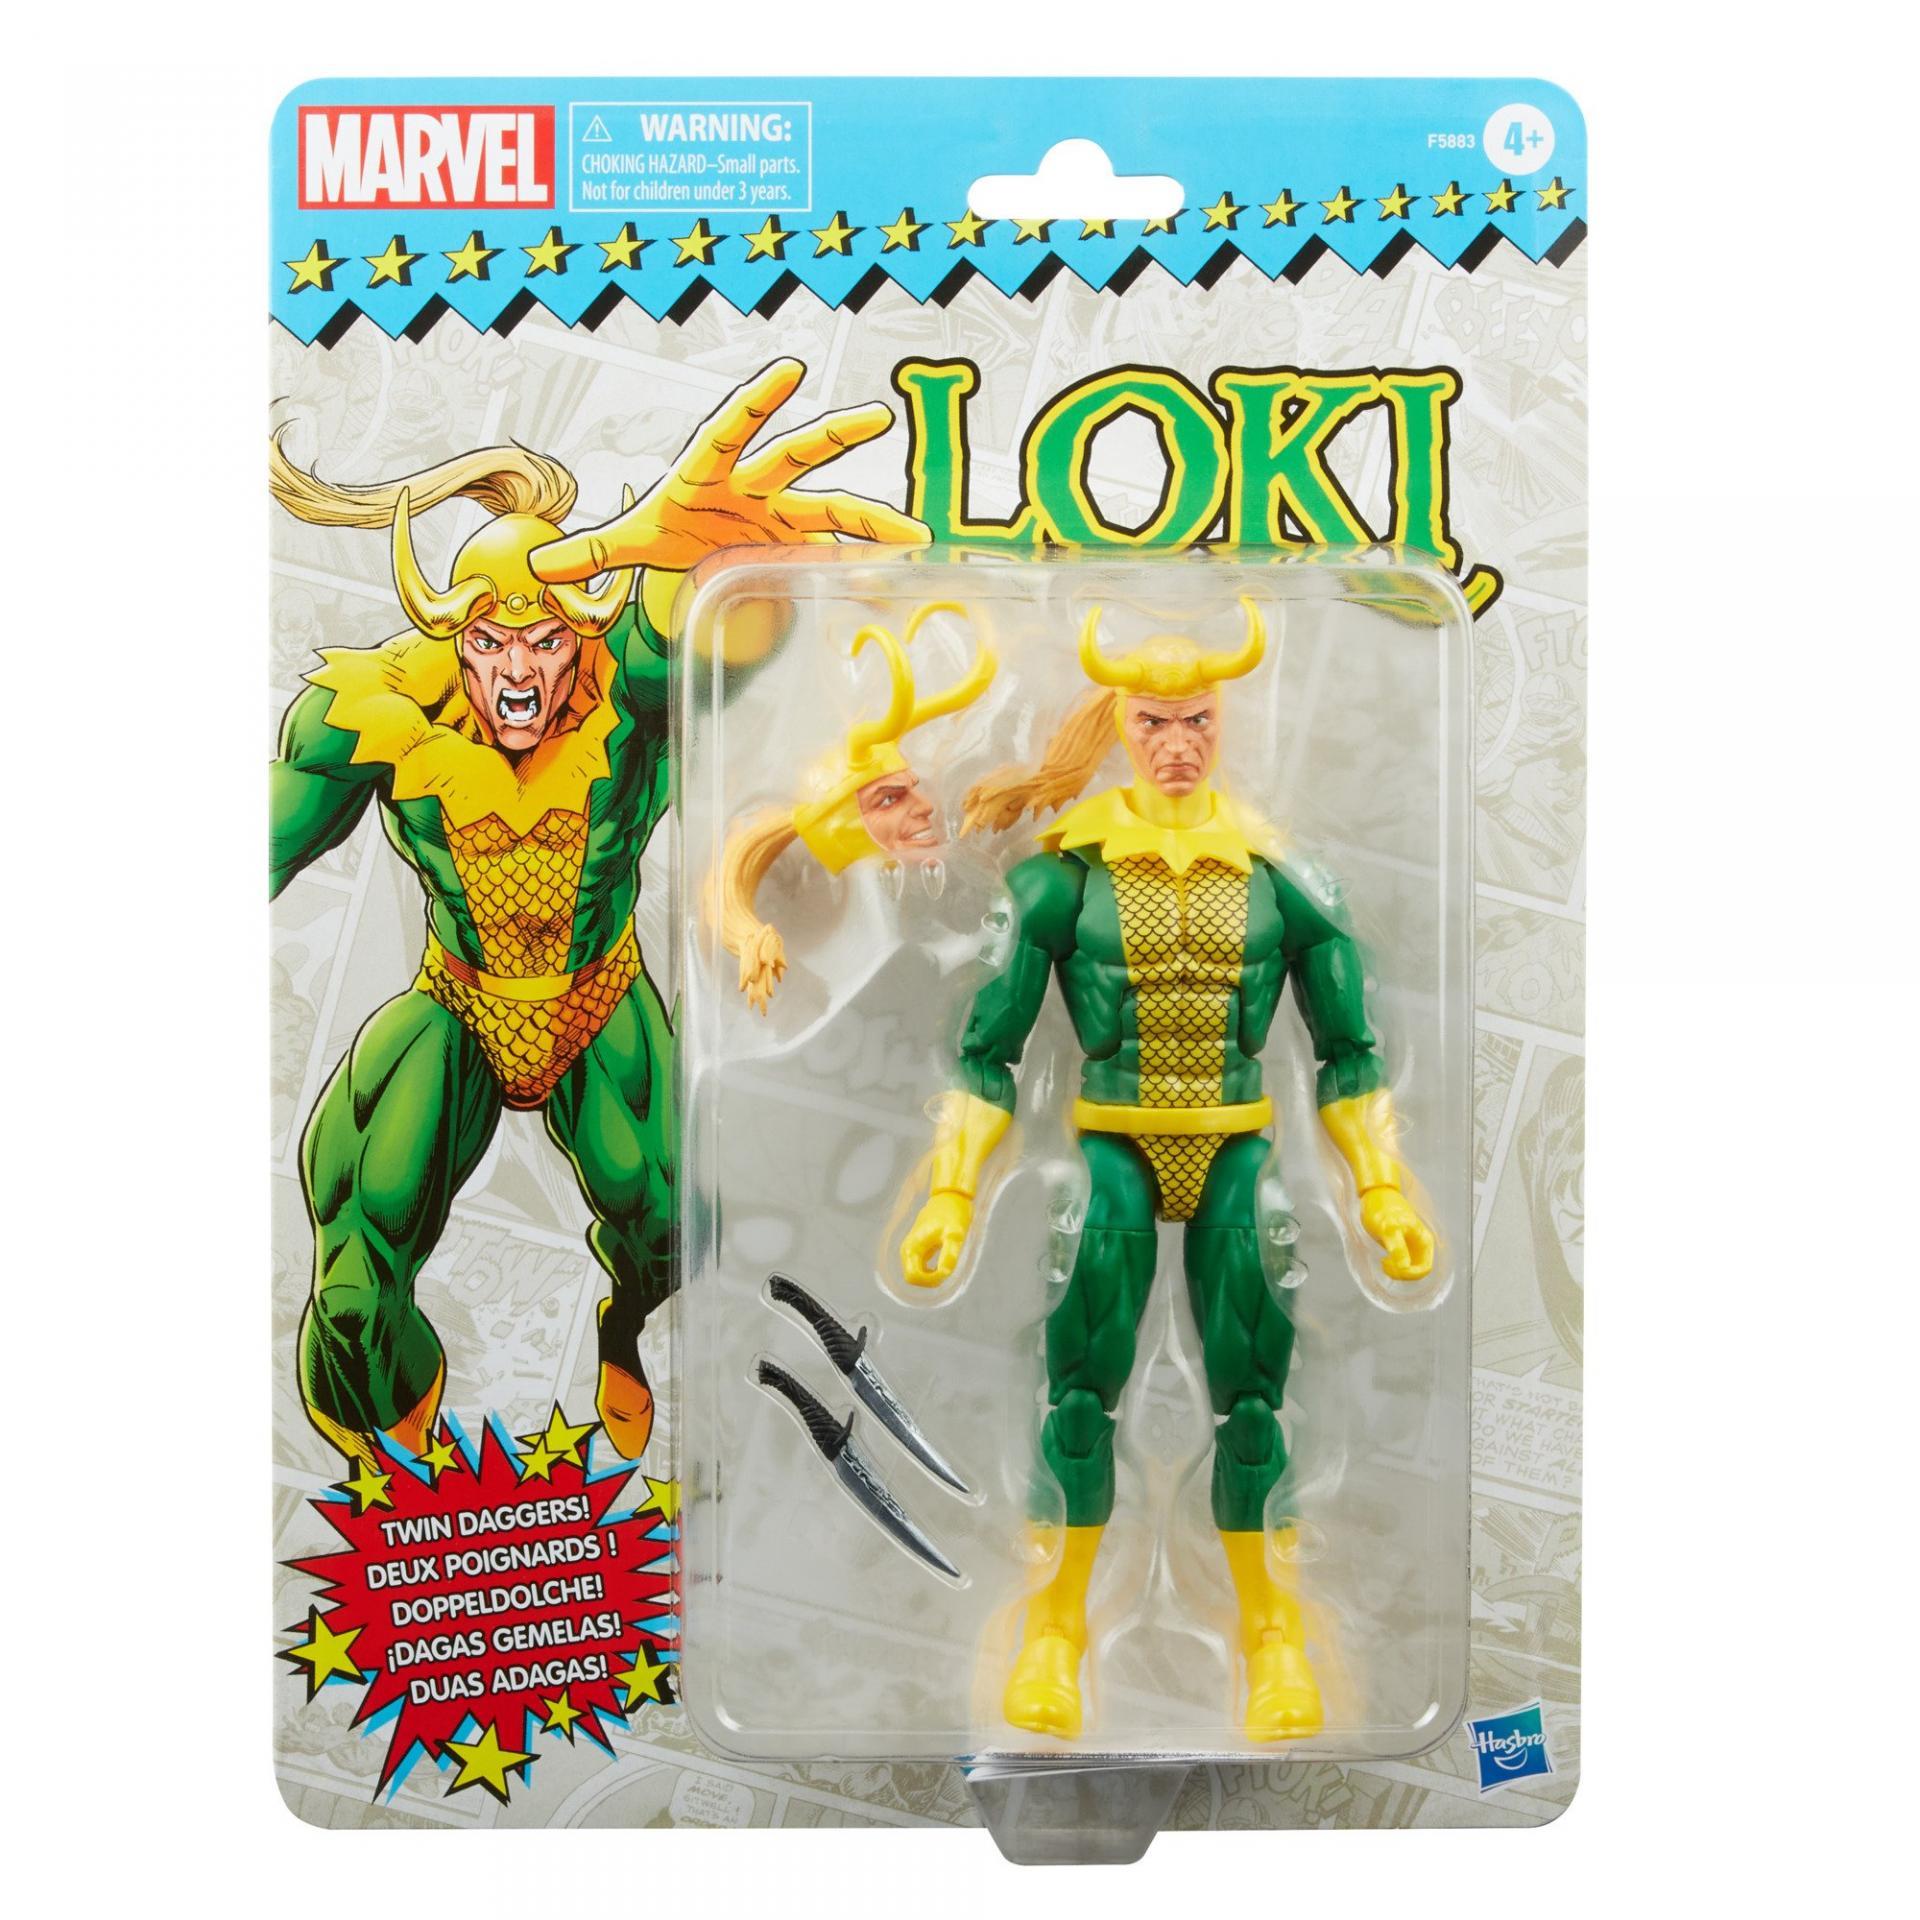 Marvel legends series hasbro loki4